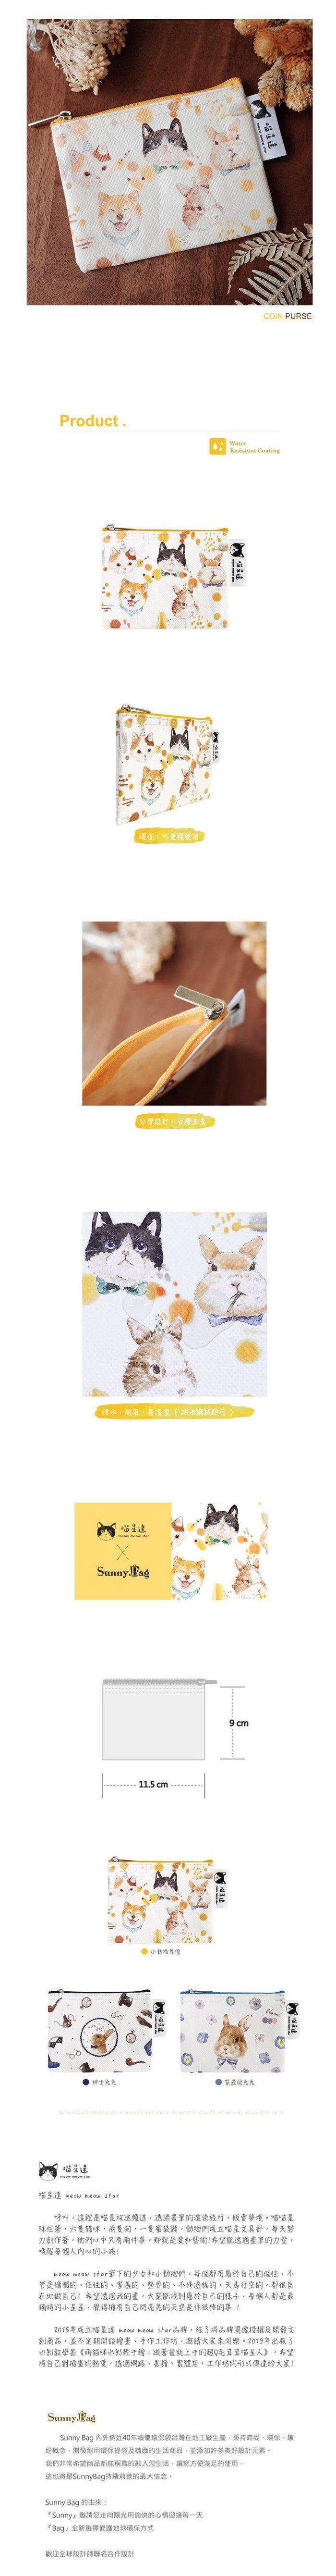 (複製)Sunny Bag|喵星達-紳士兔兔小零錢包